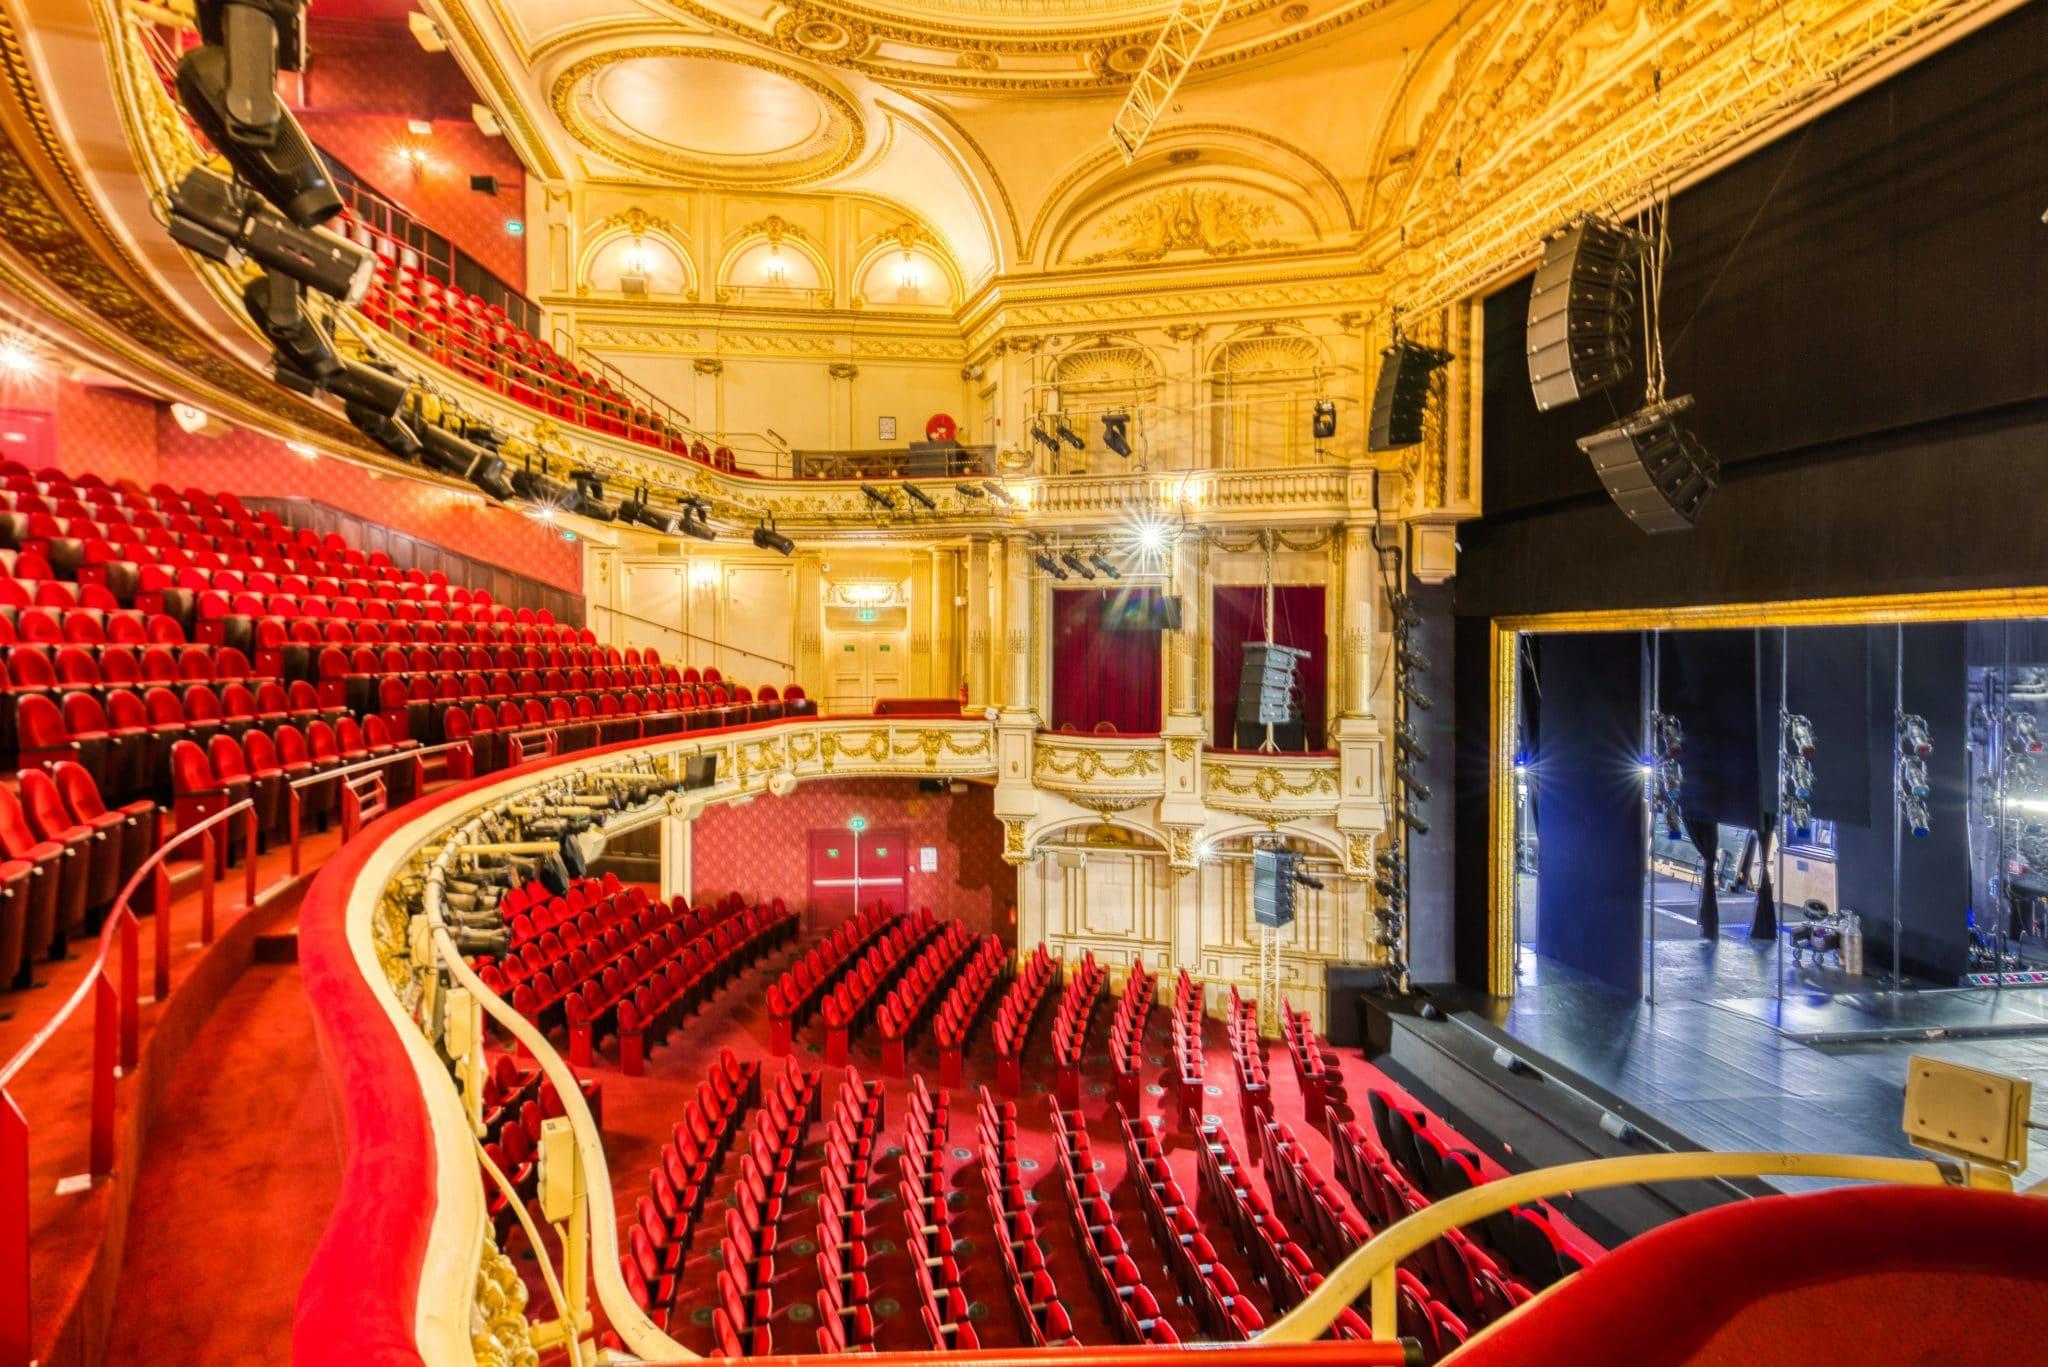 Auditorium-Théâtre Mogador-candlelight concert à la bougie paris musique classique